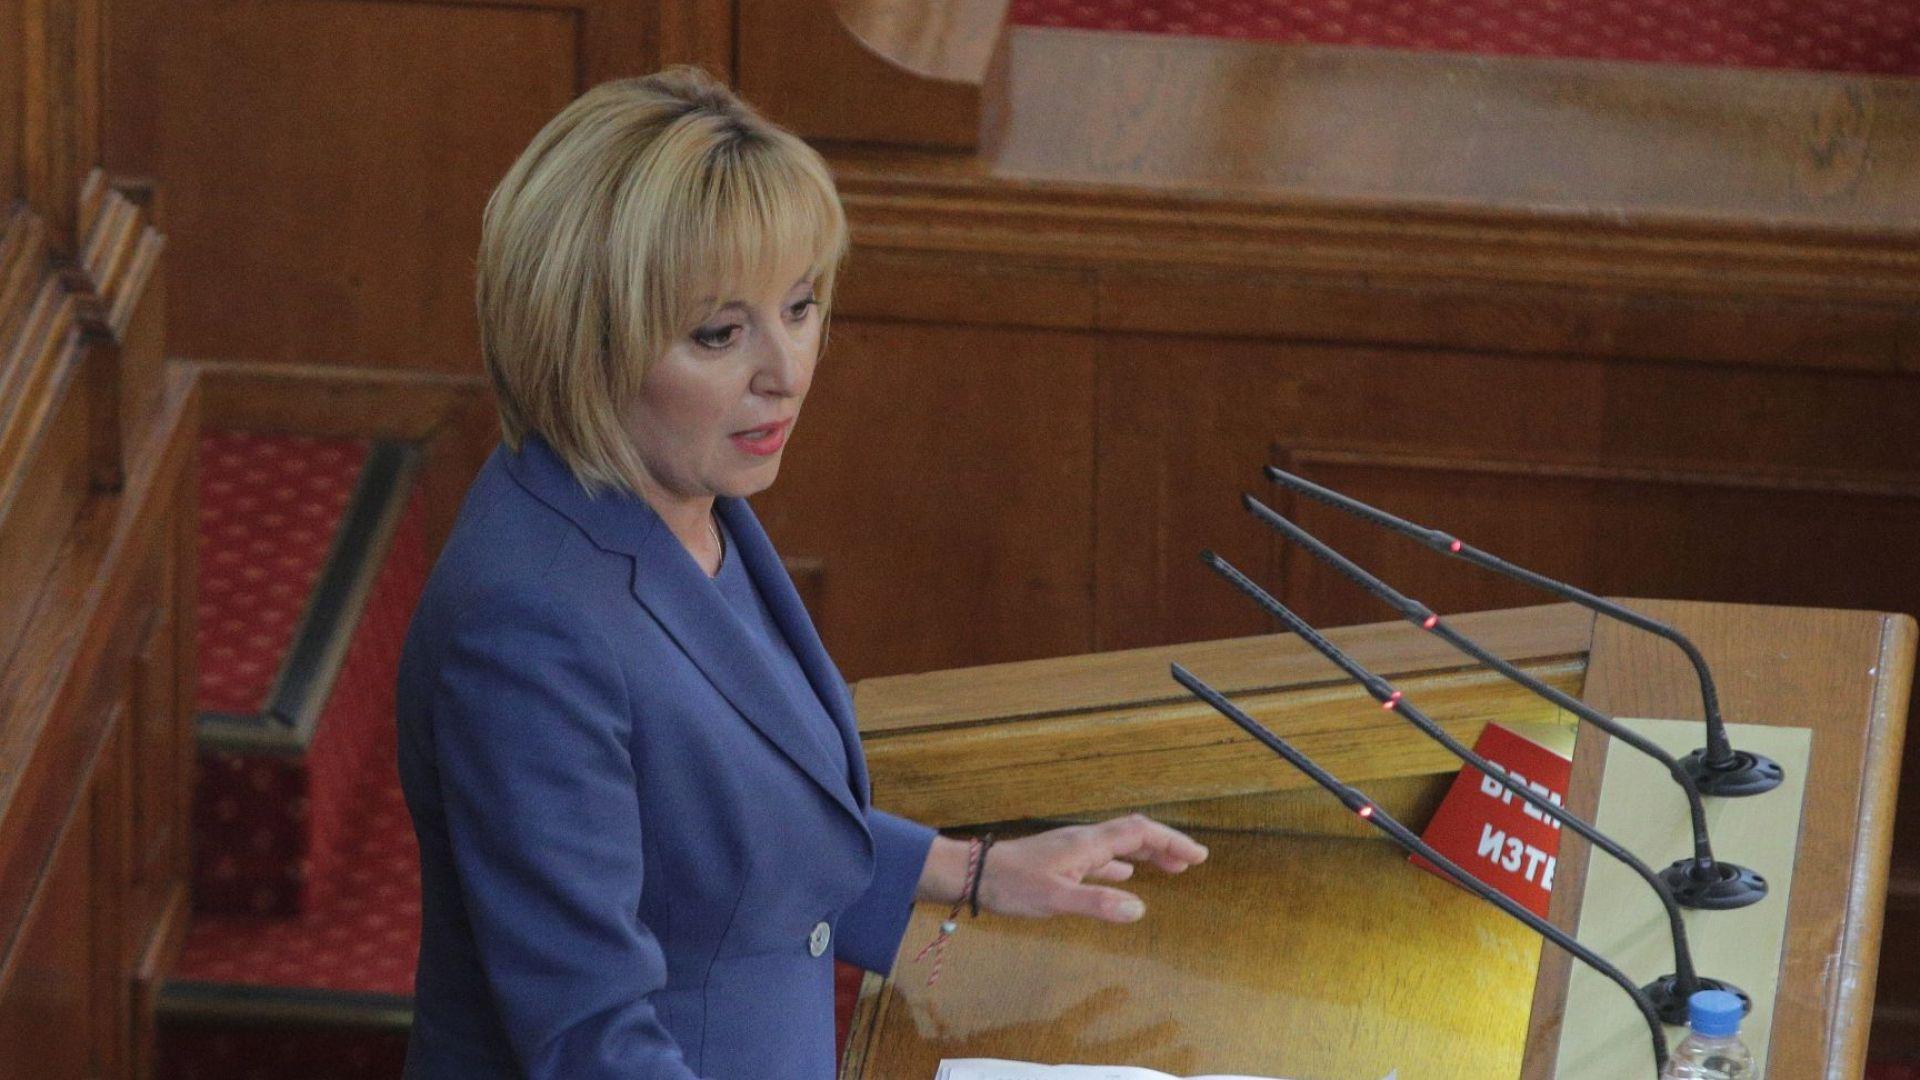 Манолова иска добавката от 50 лв. към пенсиите да се изплаща и след април